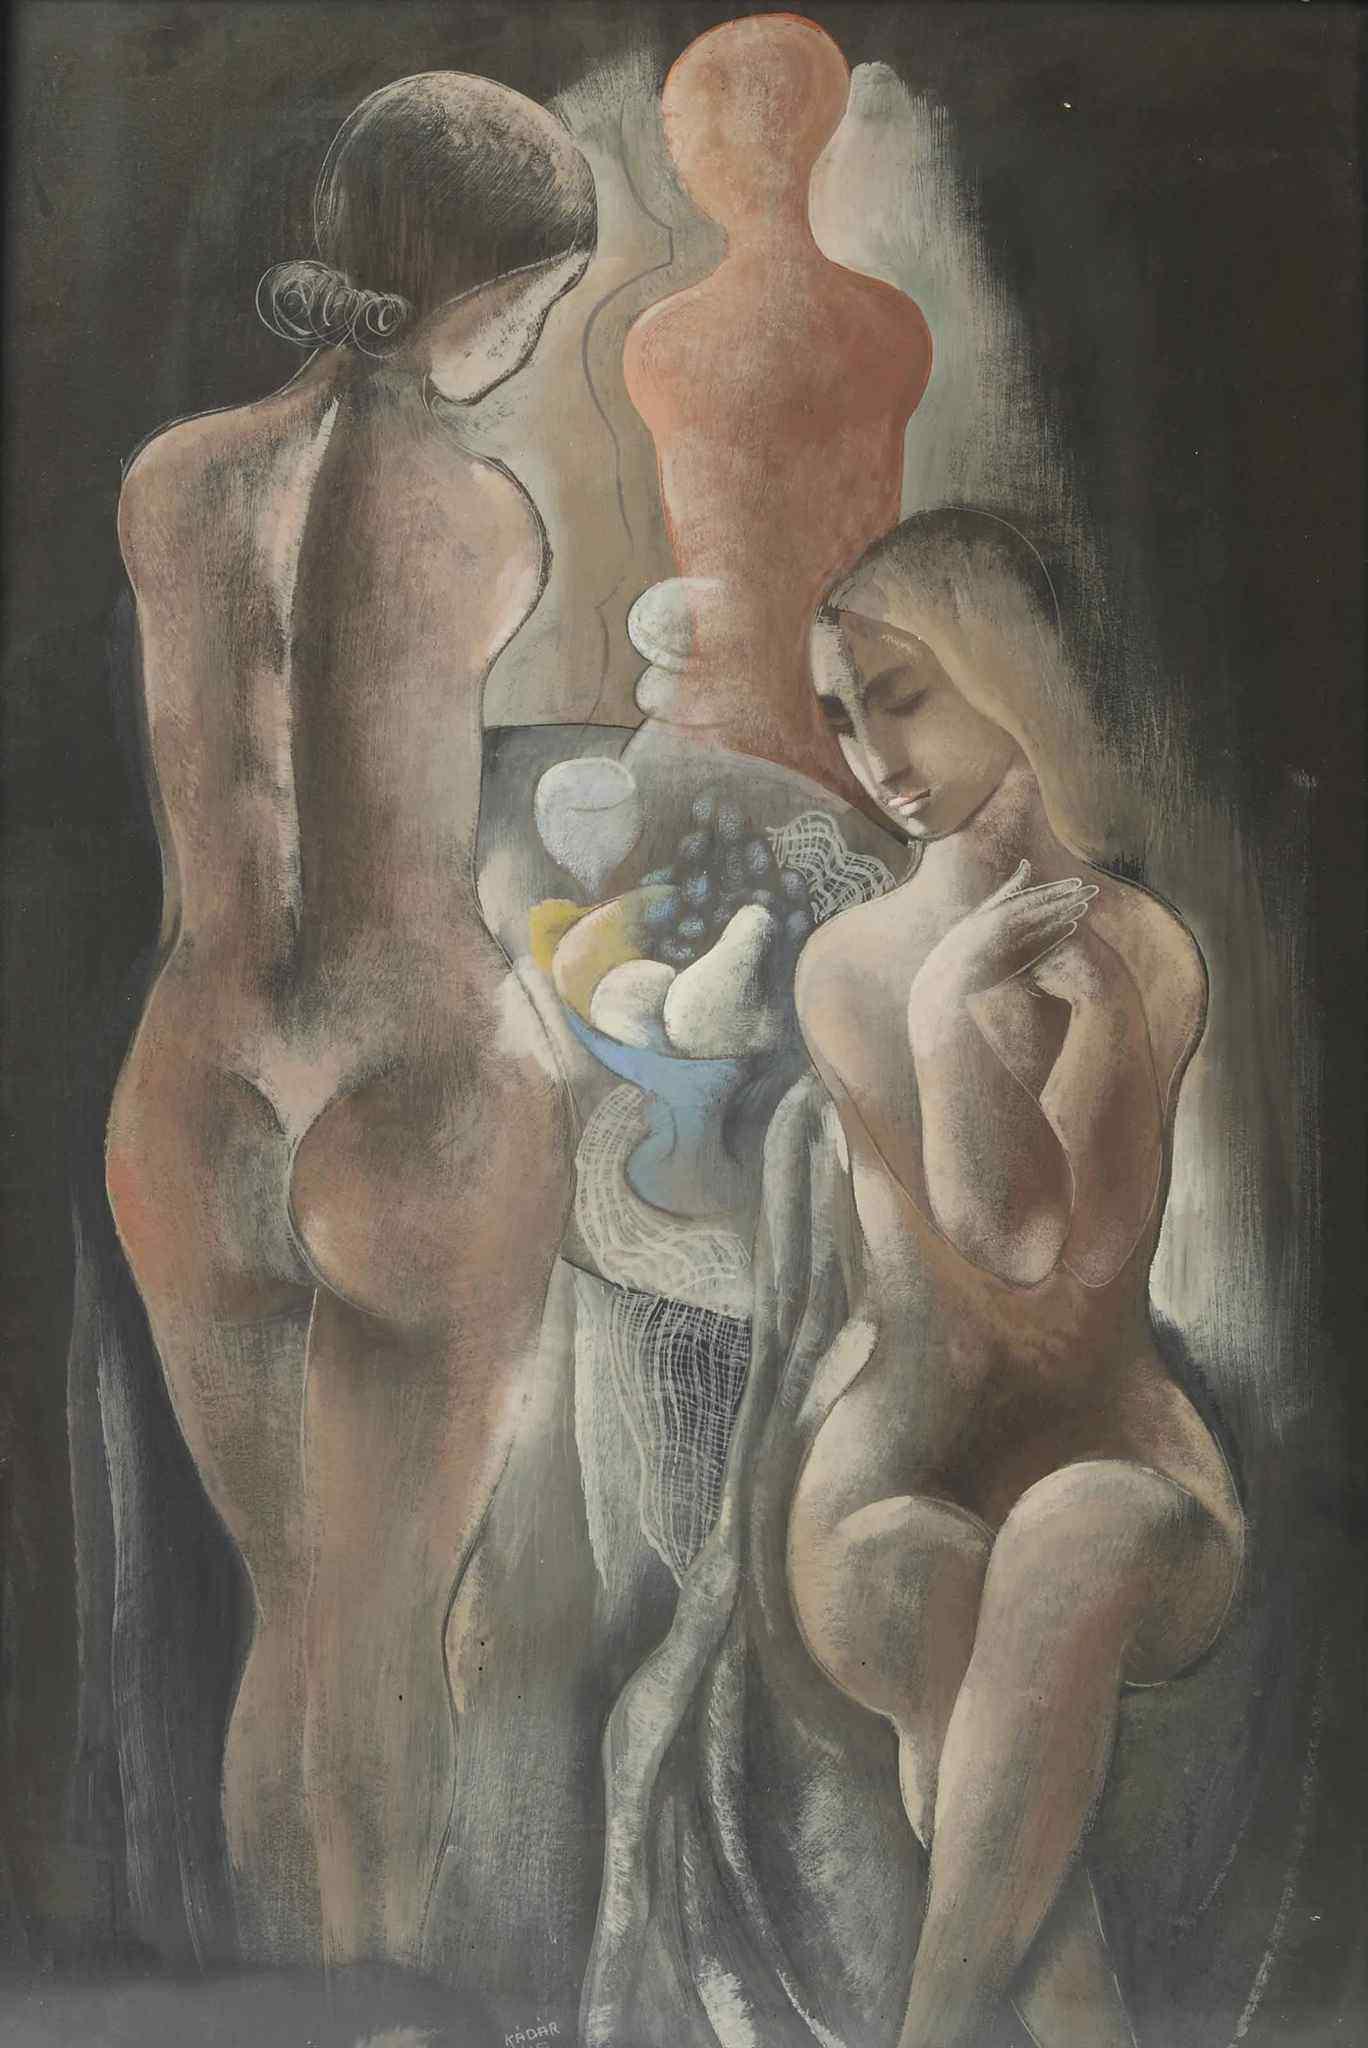 Bela Kadar, 1877-1956. Обнаженные. 99 x 67 см. Частная коллекция